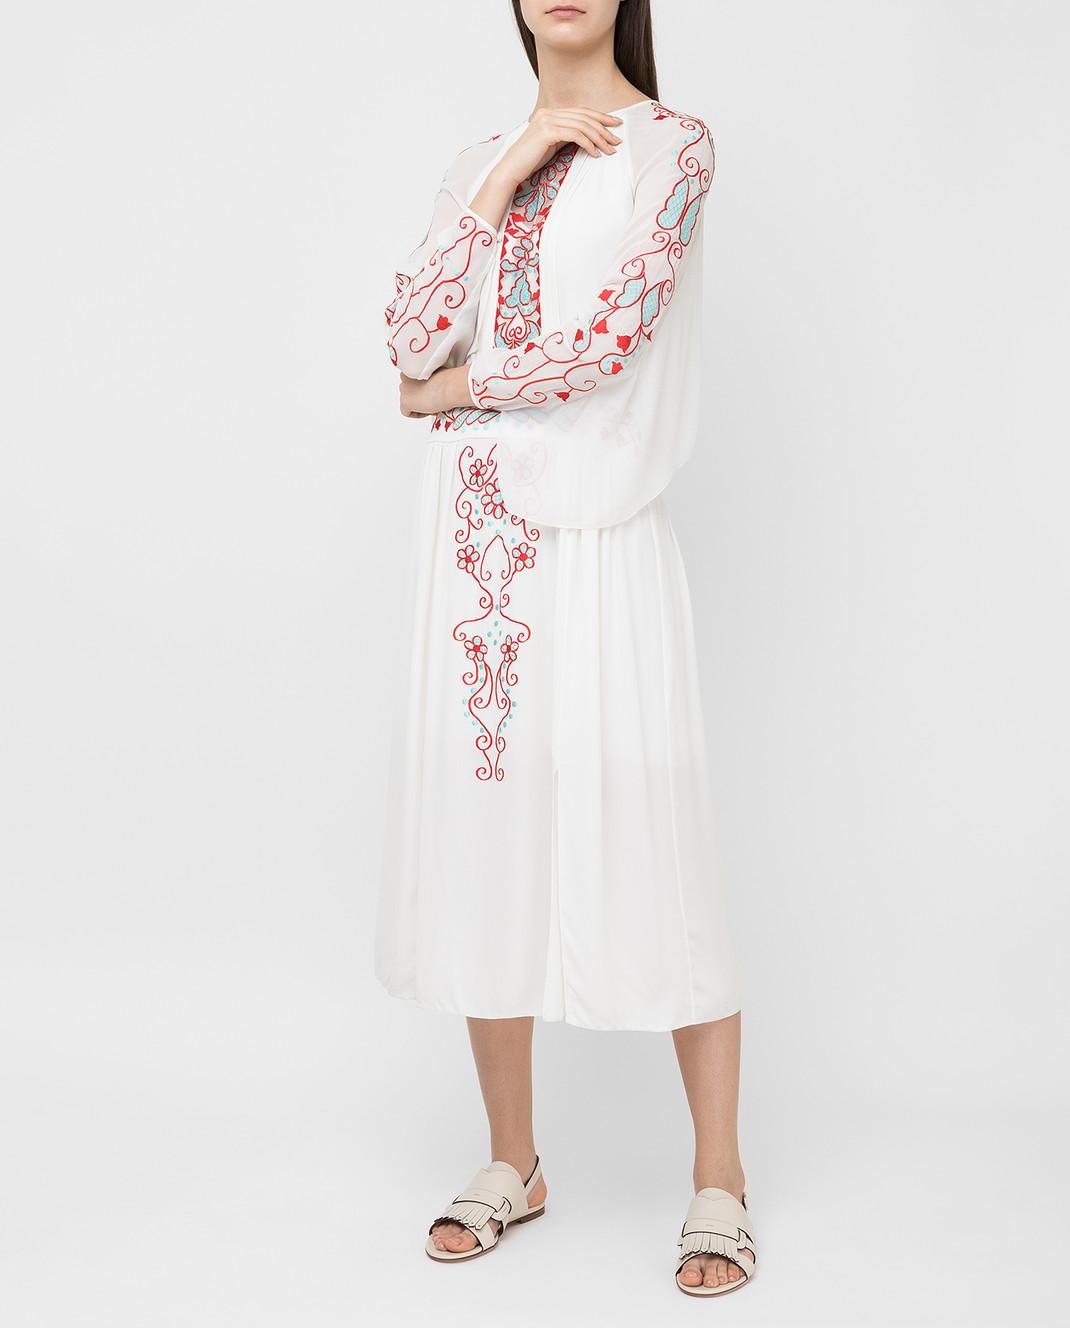 Temperley London Белое платье из шелка 16S73650959 изображение 2